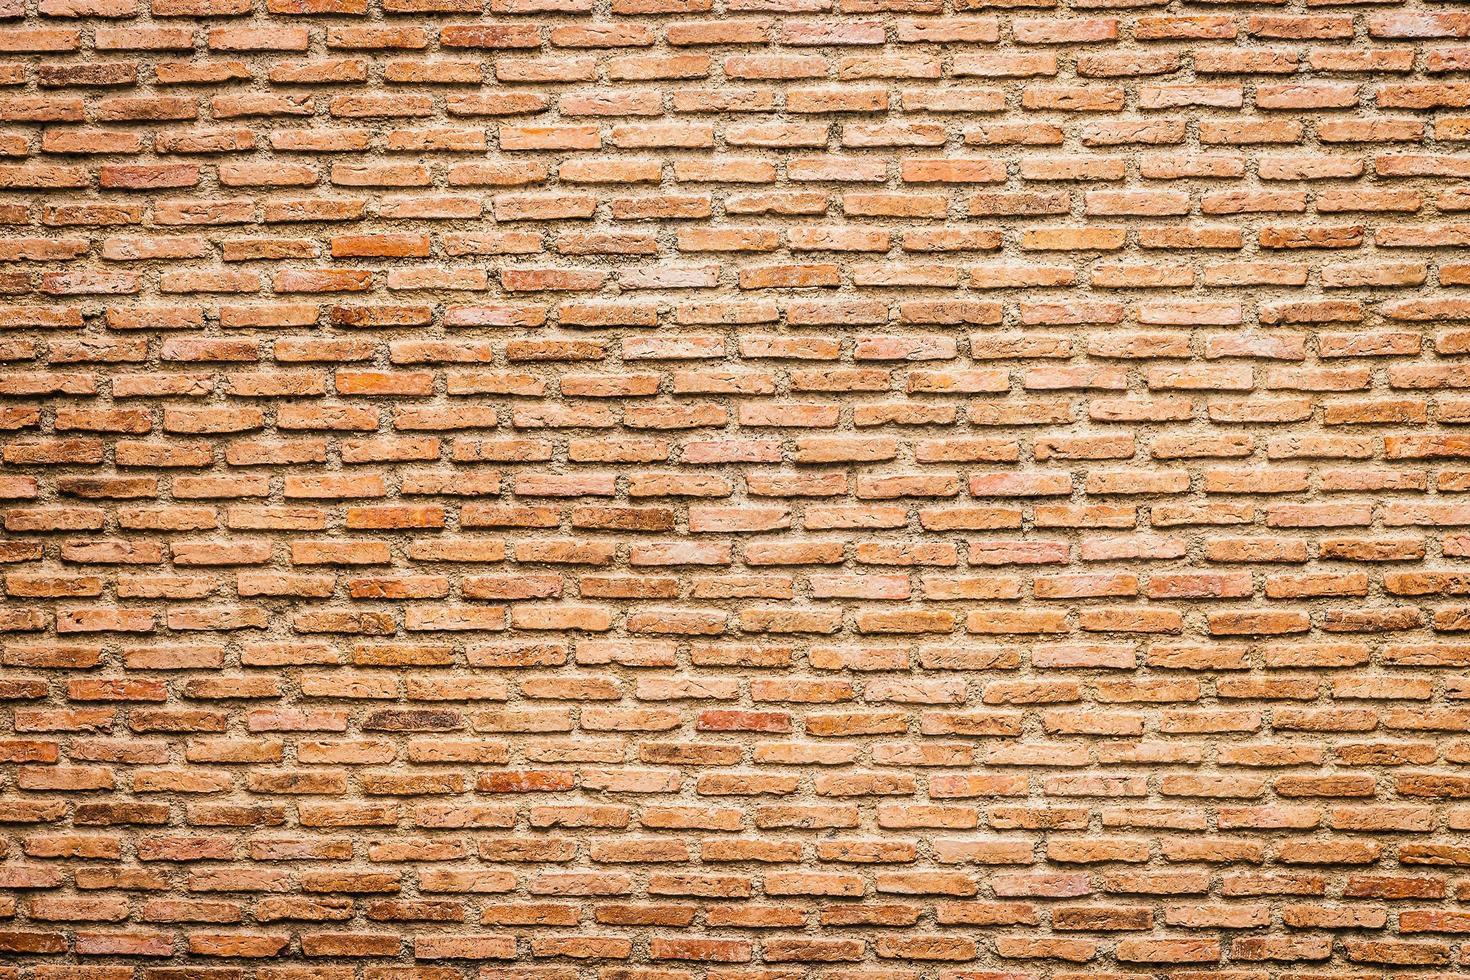 fond de textures de mur de brique photo